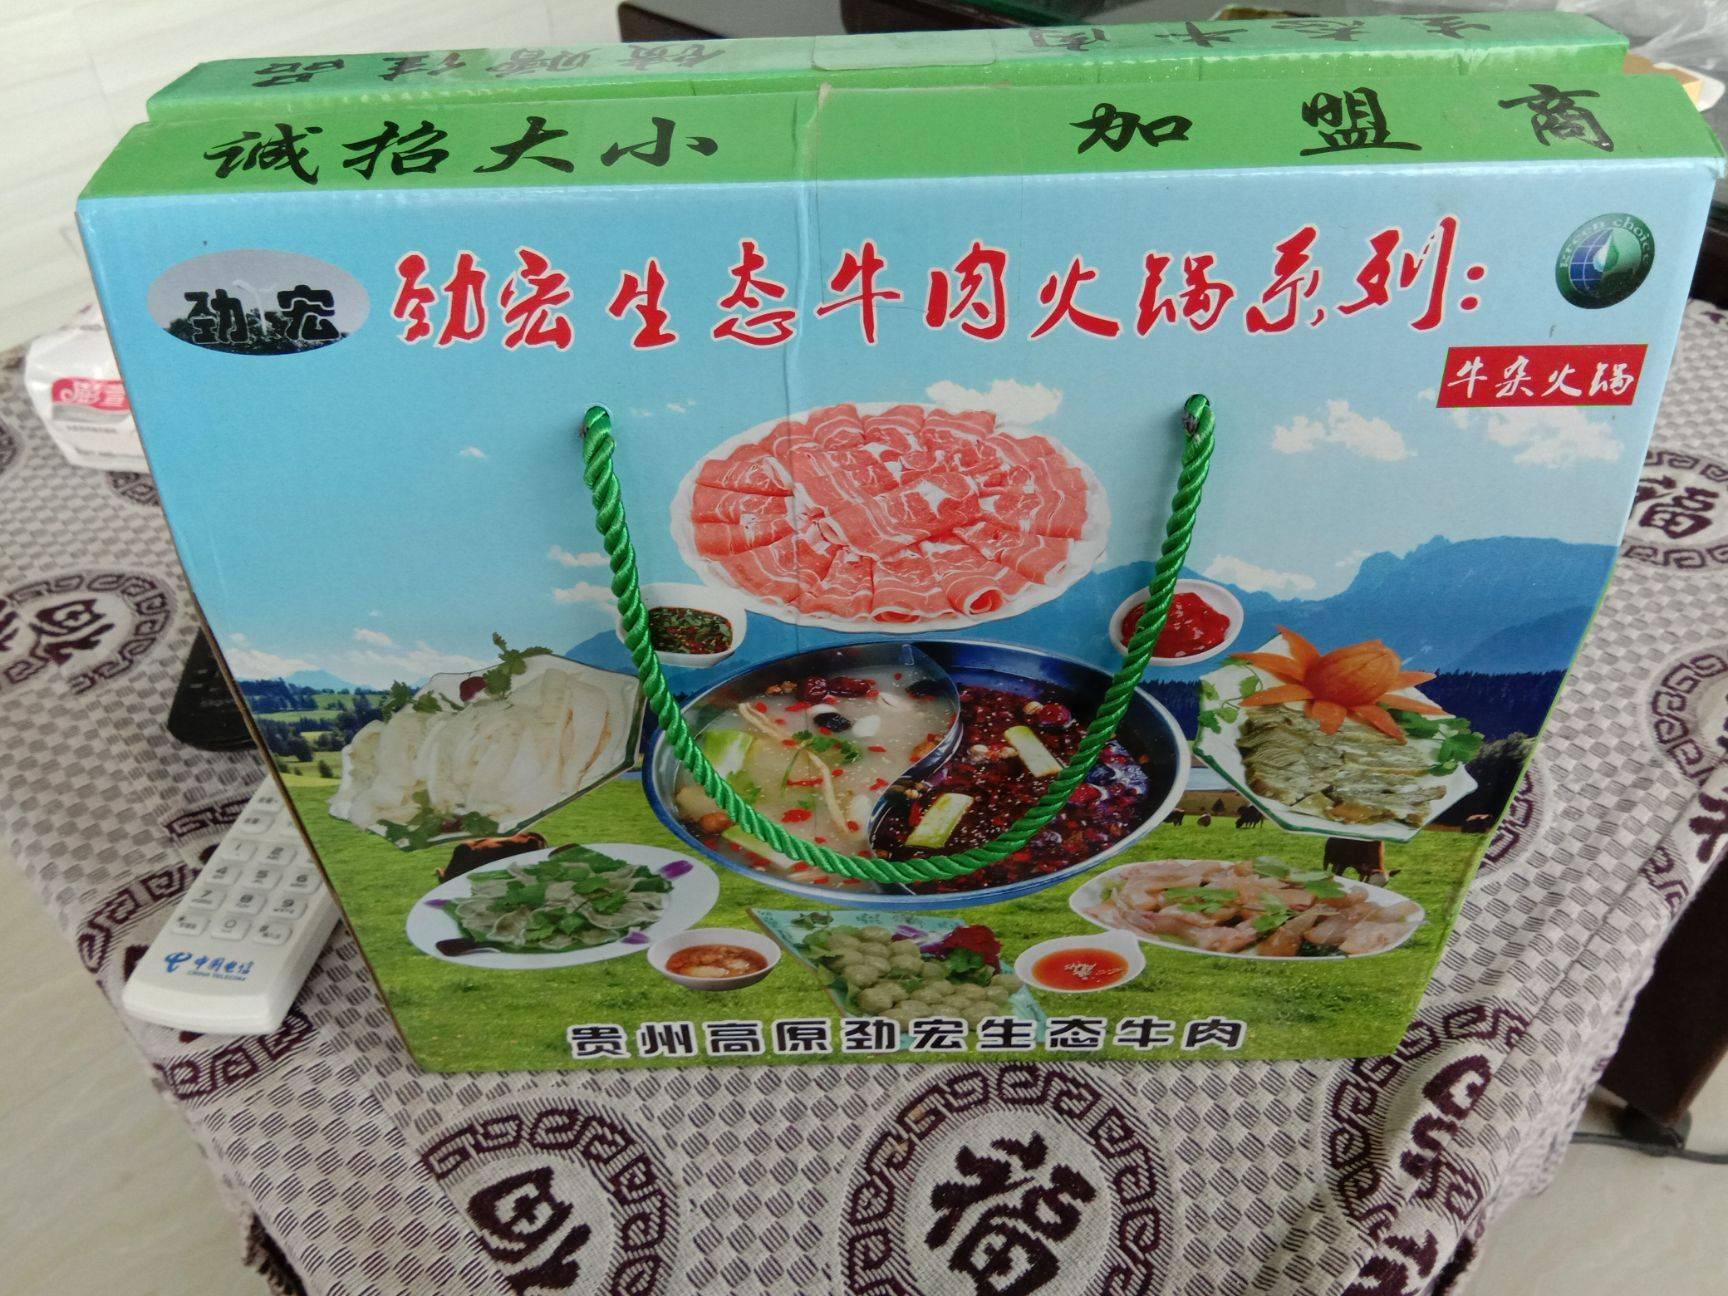 [雪花牛肉批发]雪花牛肉 生肉价格50元/斤